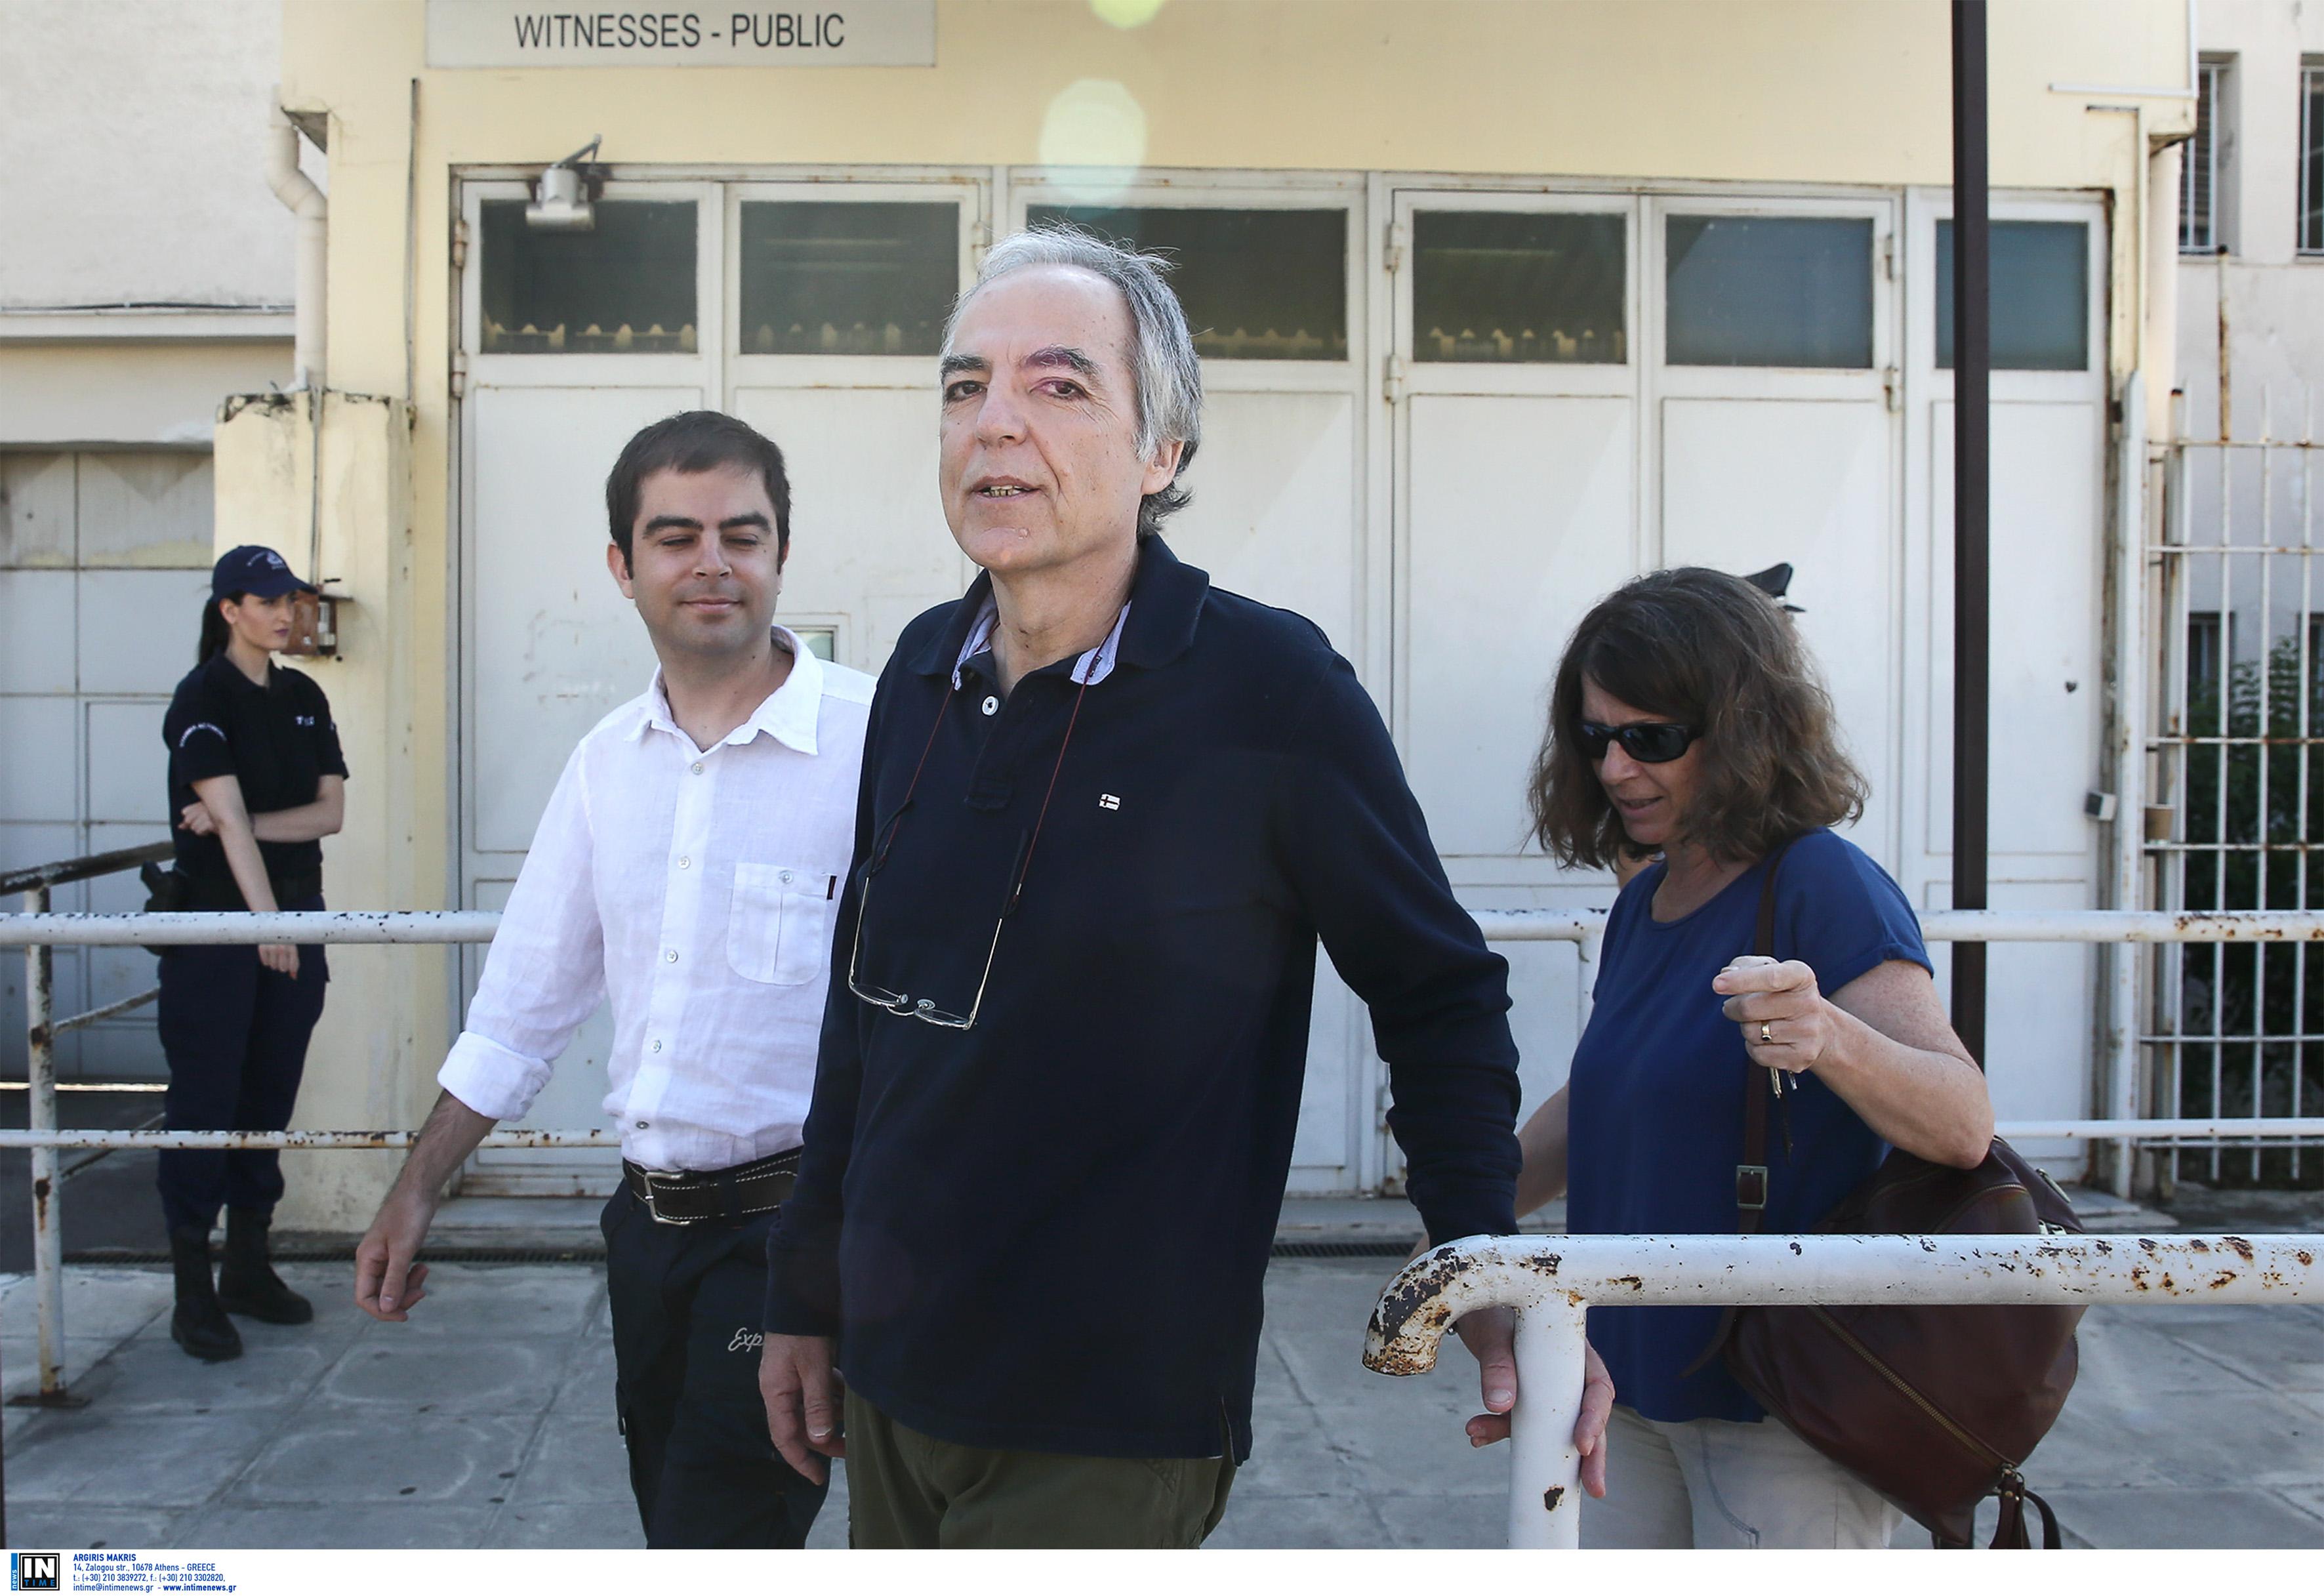 Δημήτρης Κουφοντίνας: Δεν παίρνει άδεια ο εκτελεστής της 17 Νοέμβρη! Η απόφαση του Δικαστικού Συμβουλίου